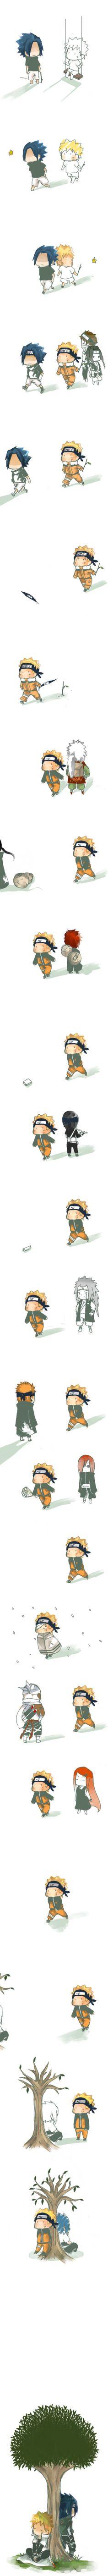 NARUTO, Uzumaki Naruto, Uchiha Sasuke